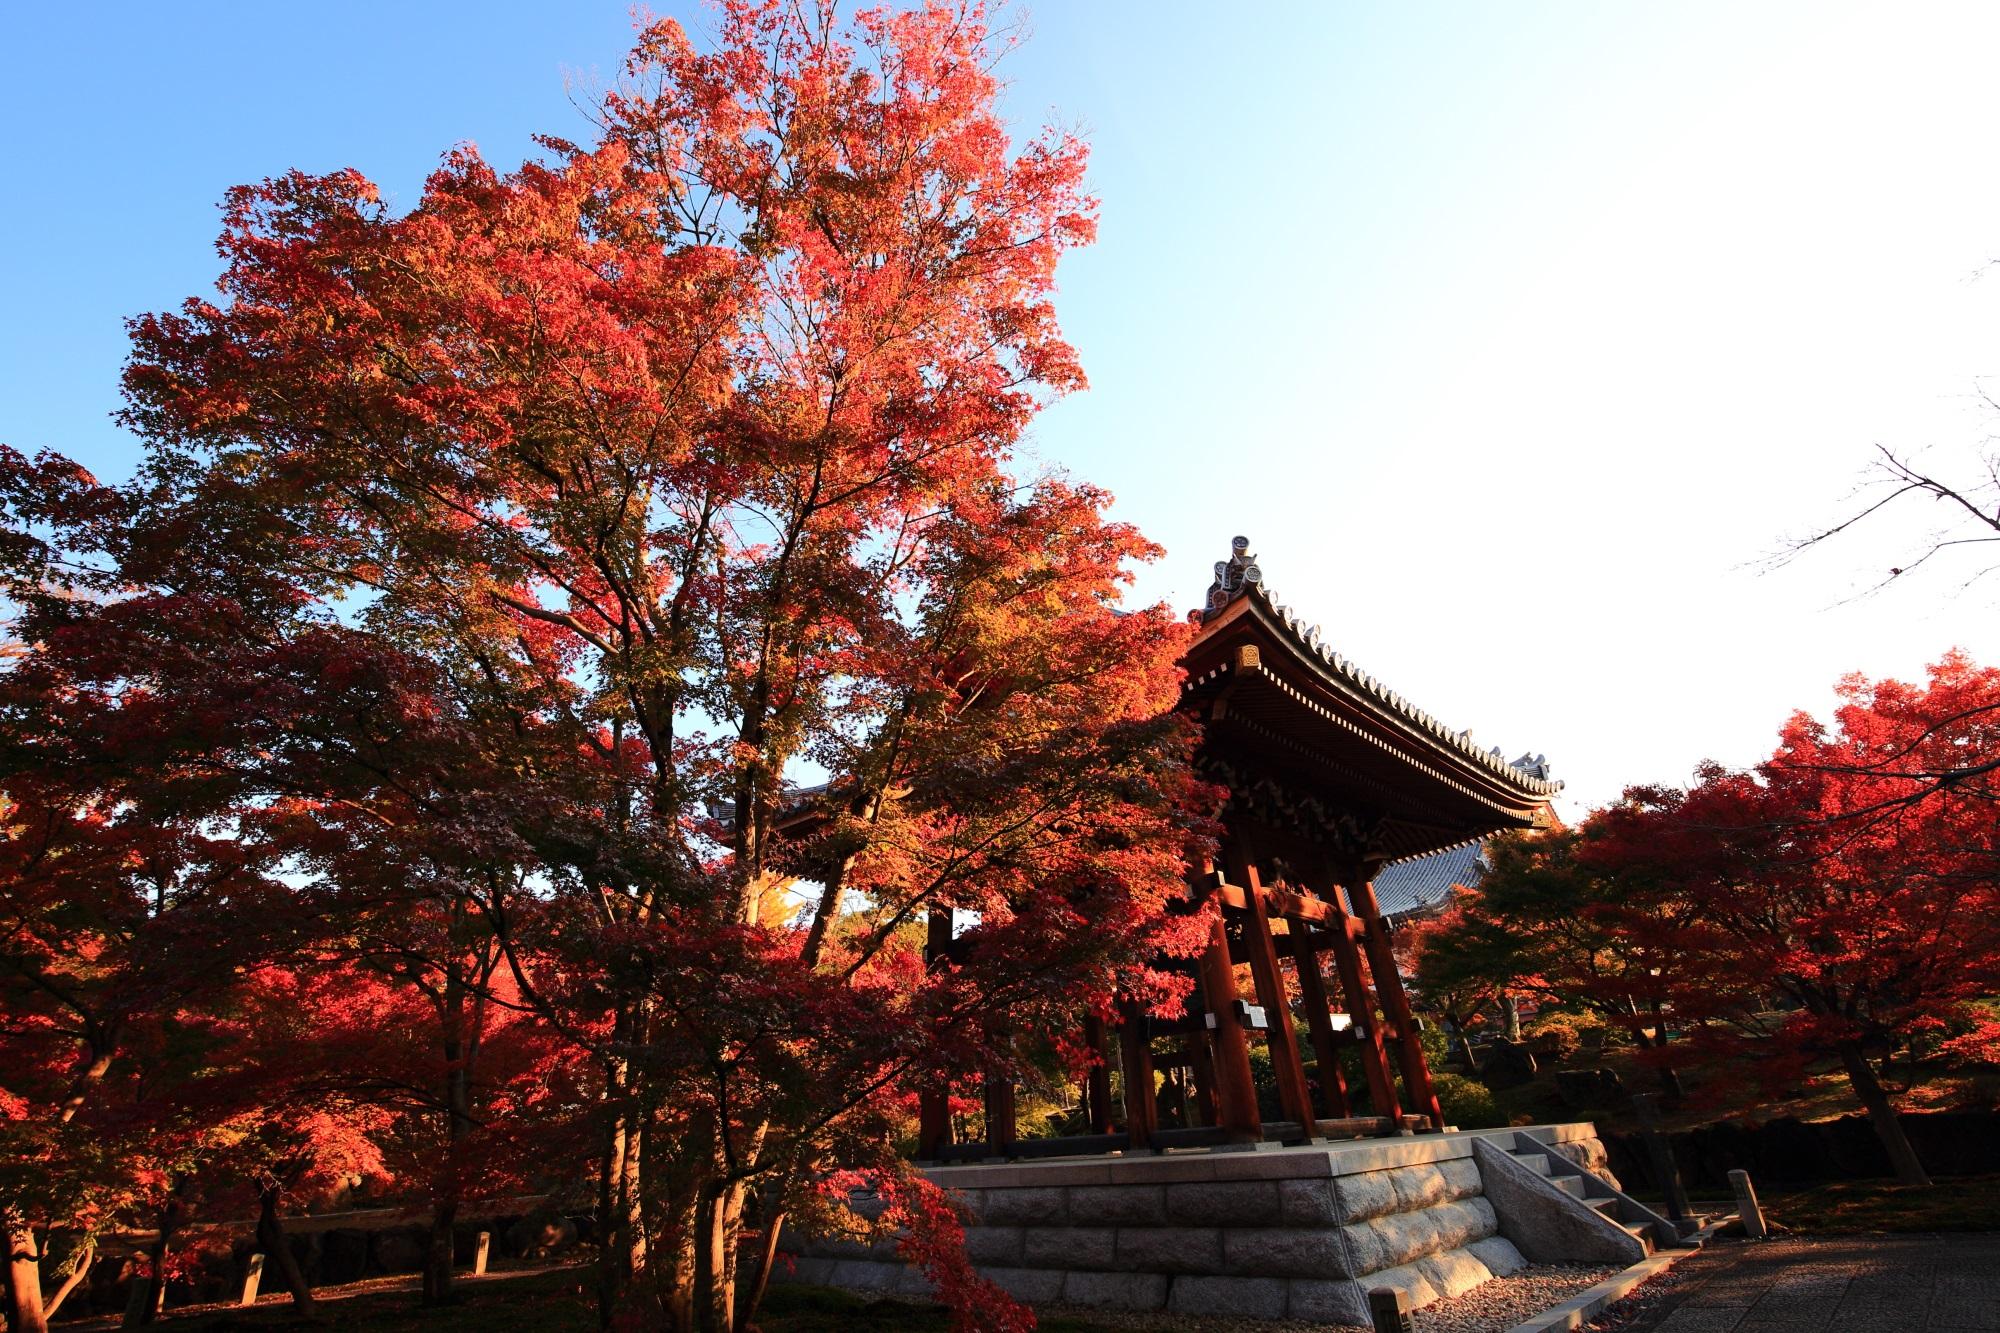 鐘楼を彩る弾けんばかりの豪快な紅葉